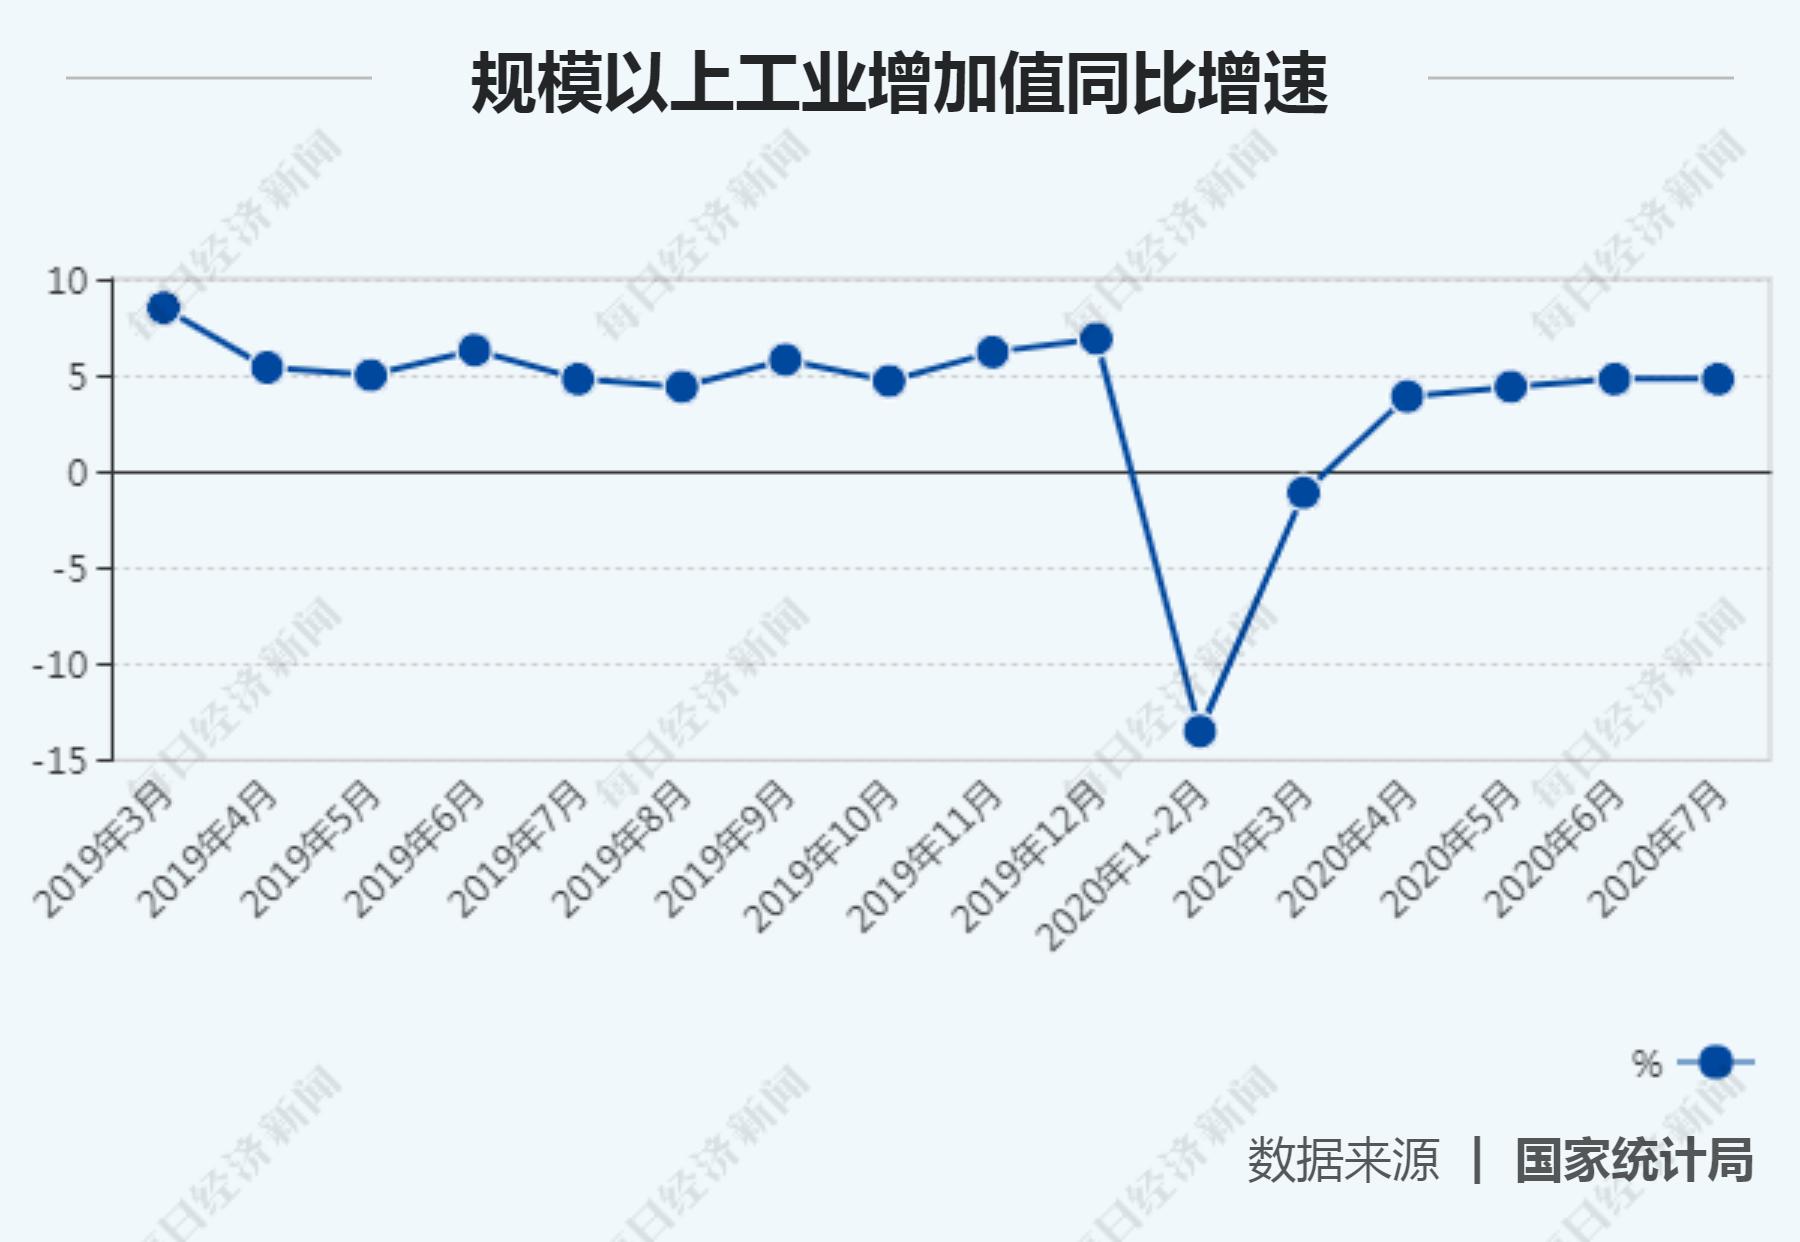 """7月经济""""成绩单""""揭晓:工业增加值连续4月正增长 商品零售增速年内首次转正"""